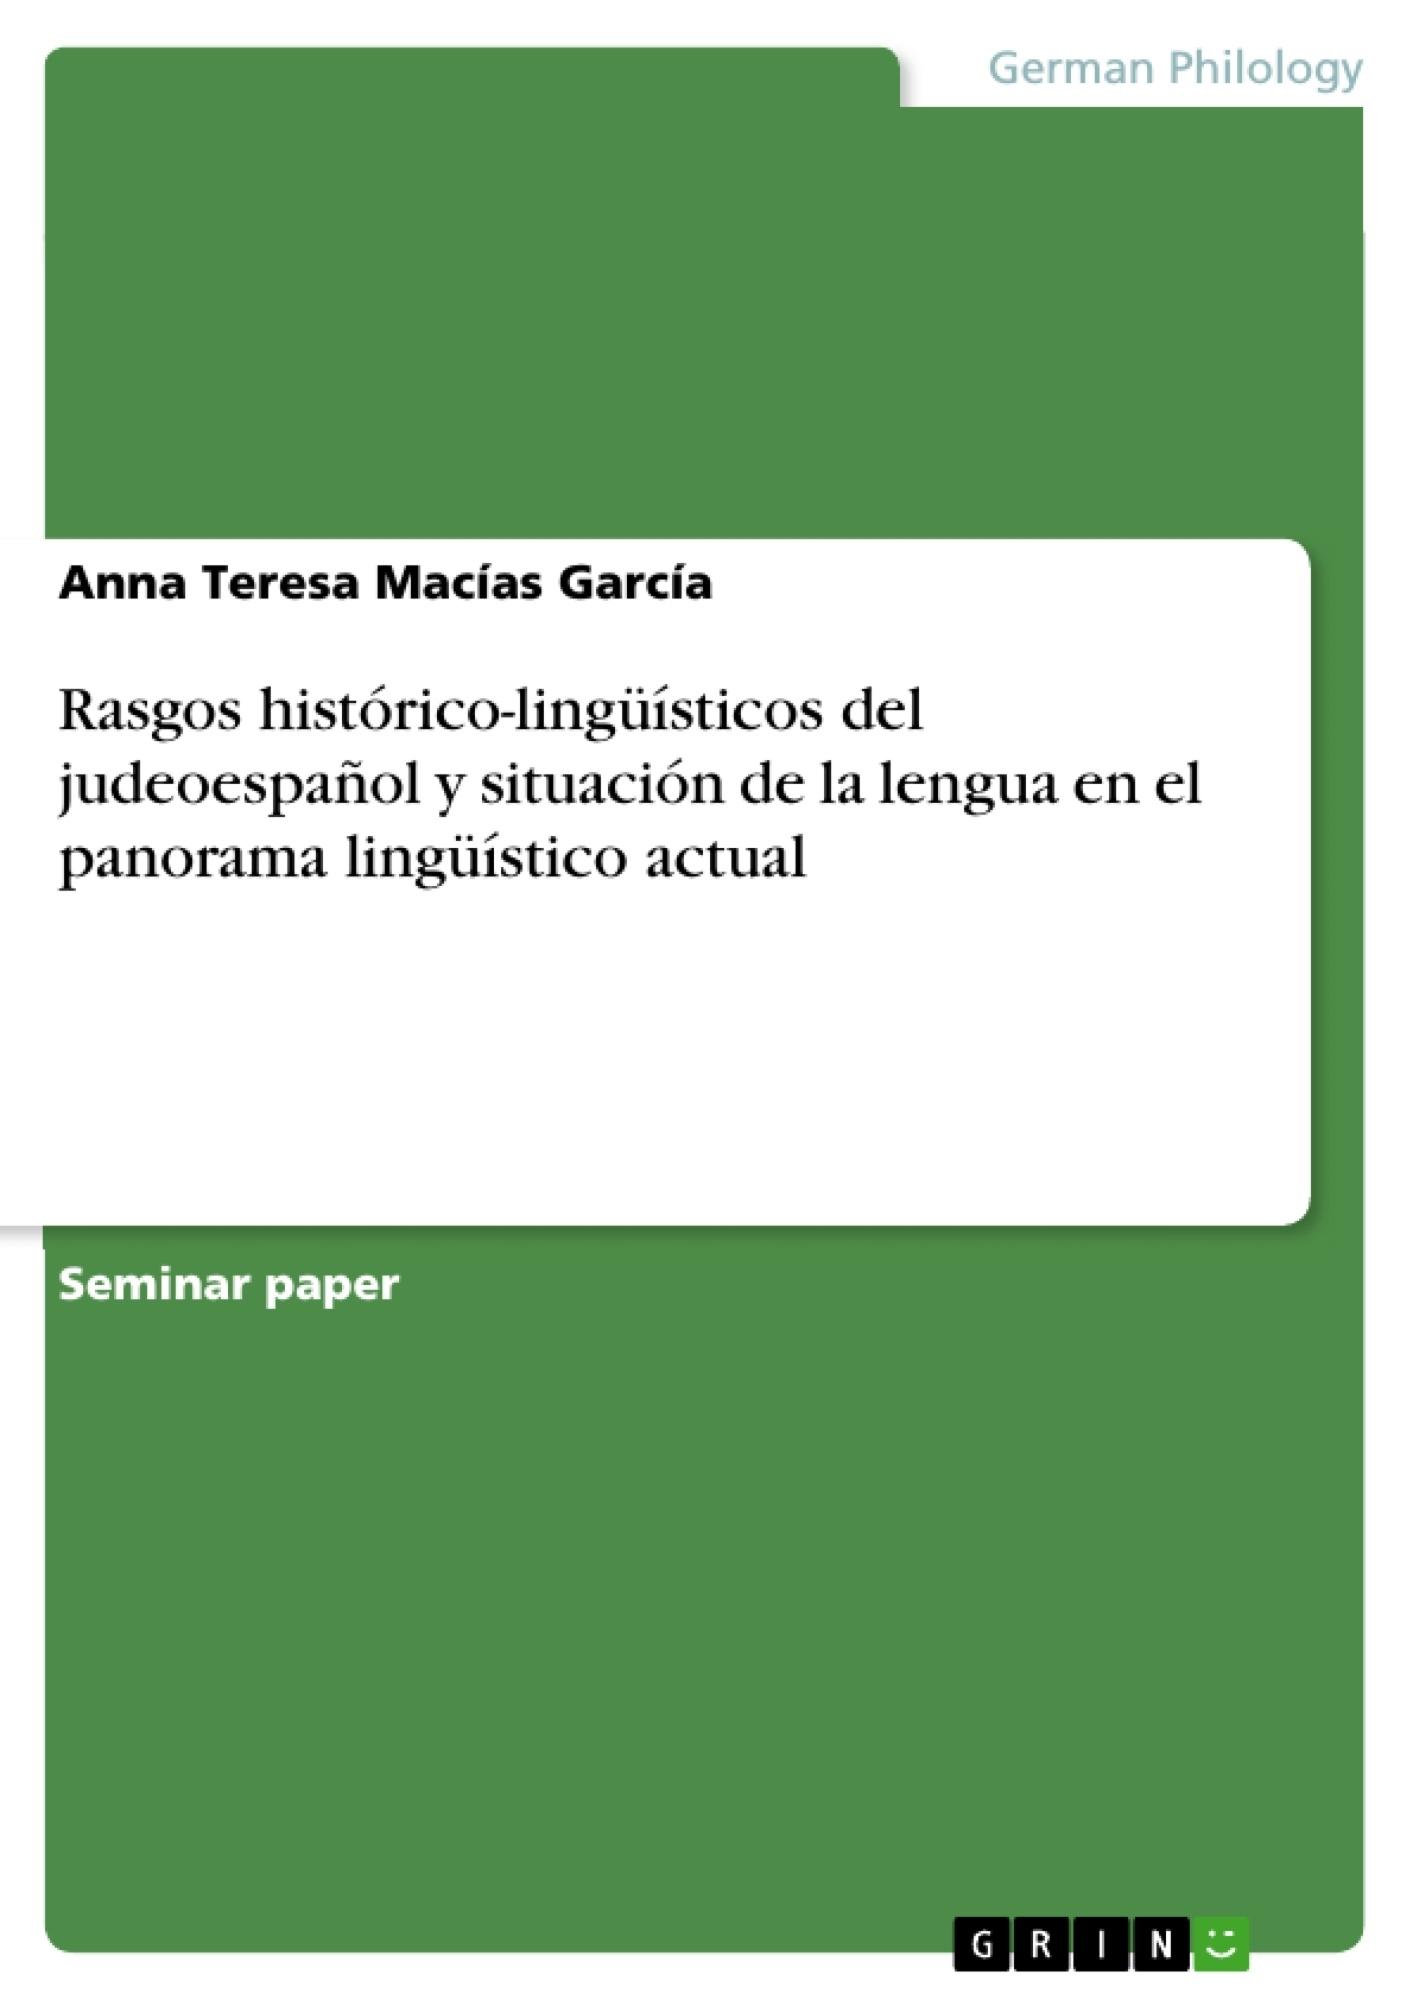 Título: Rasgos histórico-lingüísticos del judeoespañol y situación de la lengua en el panorama lingüístico actual